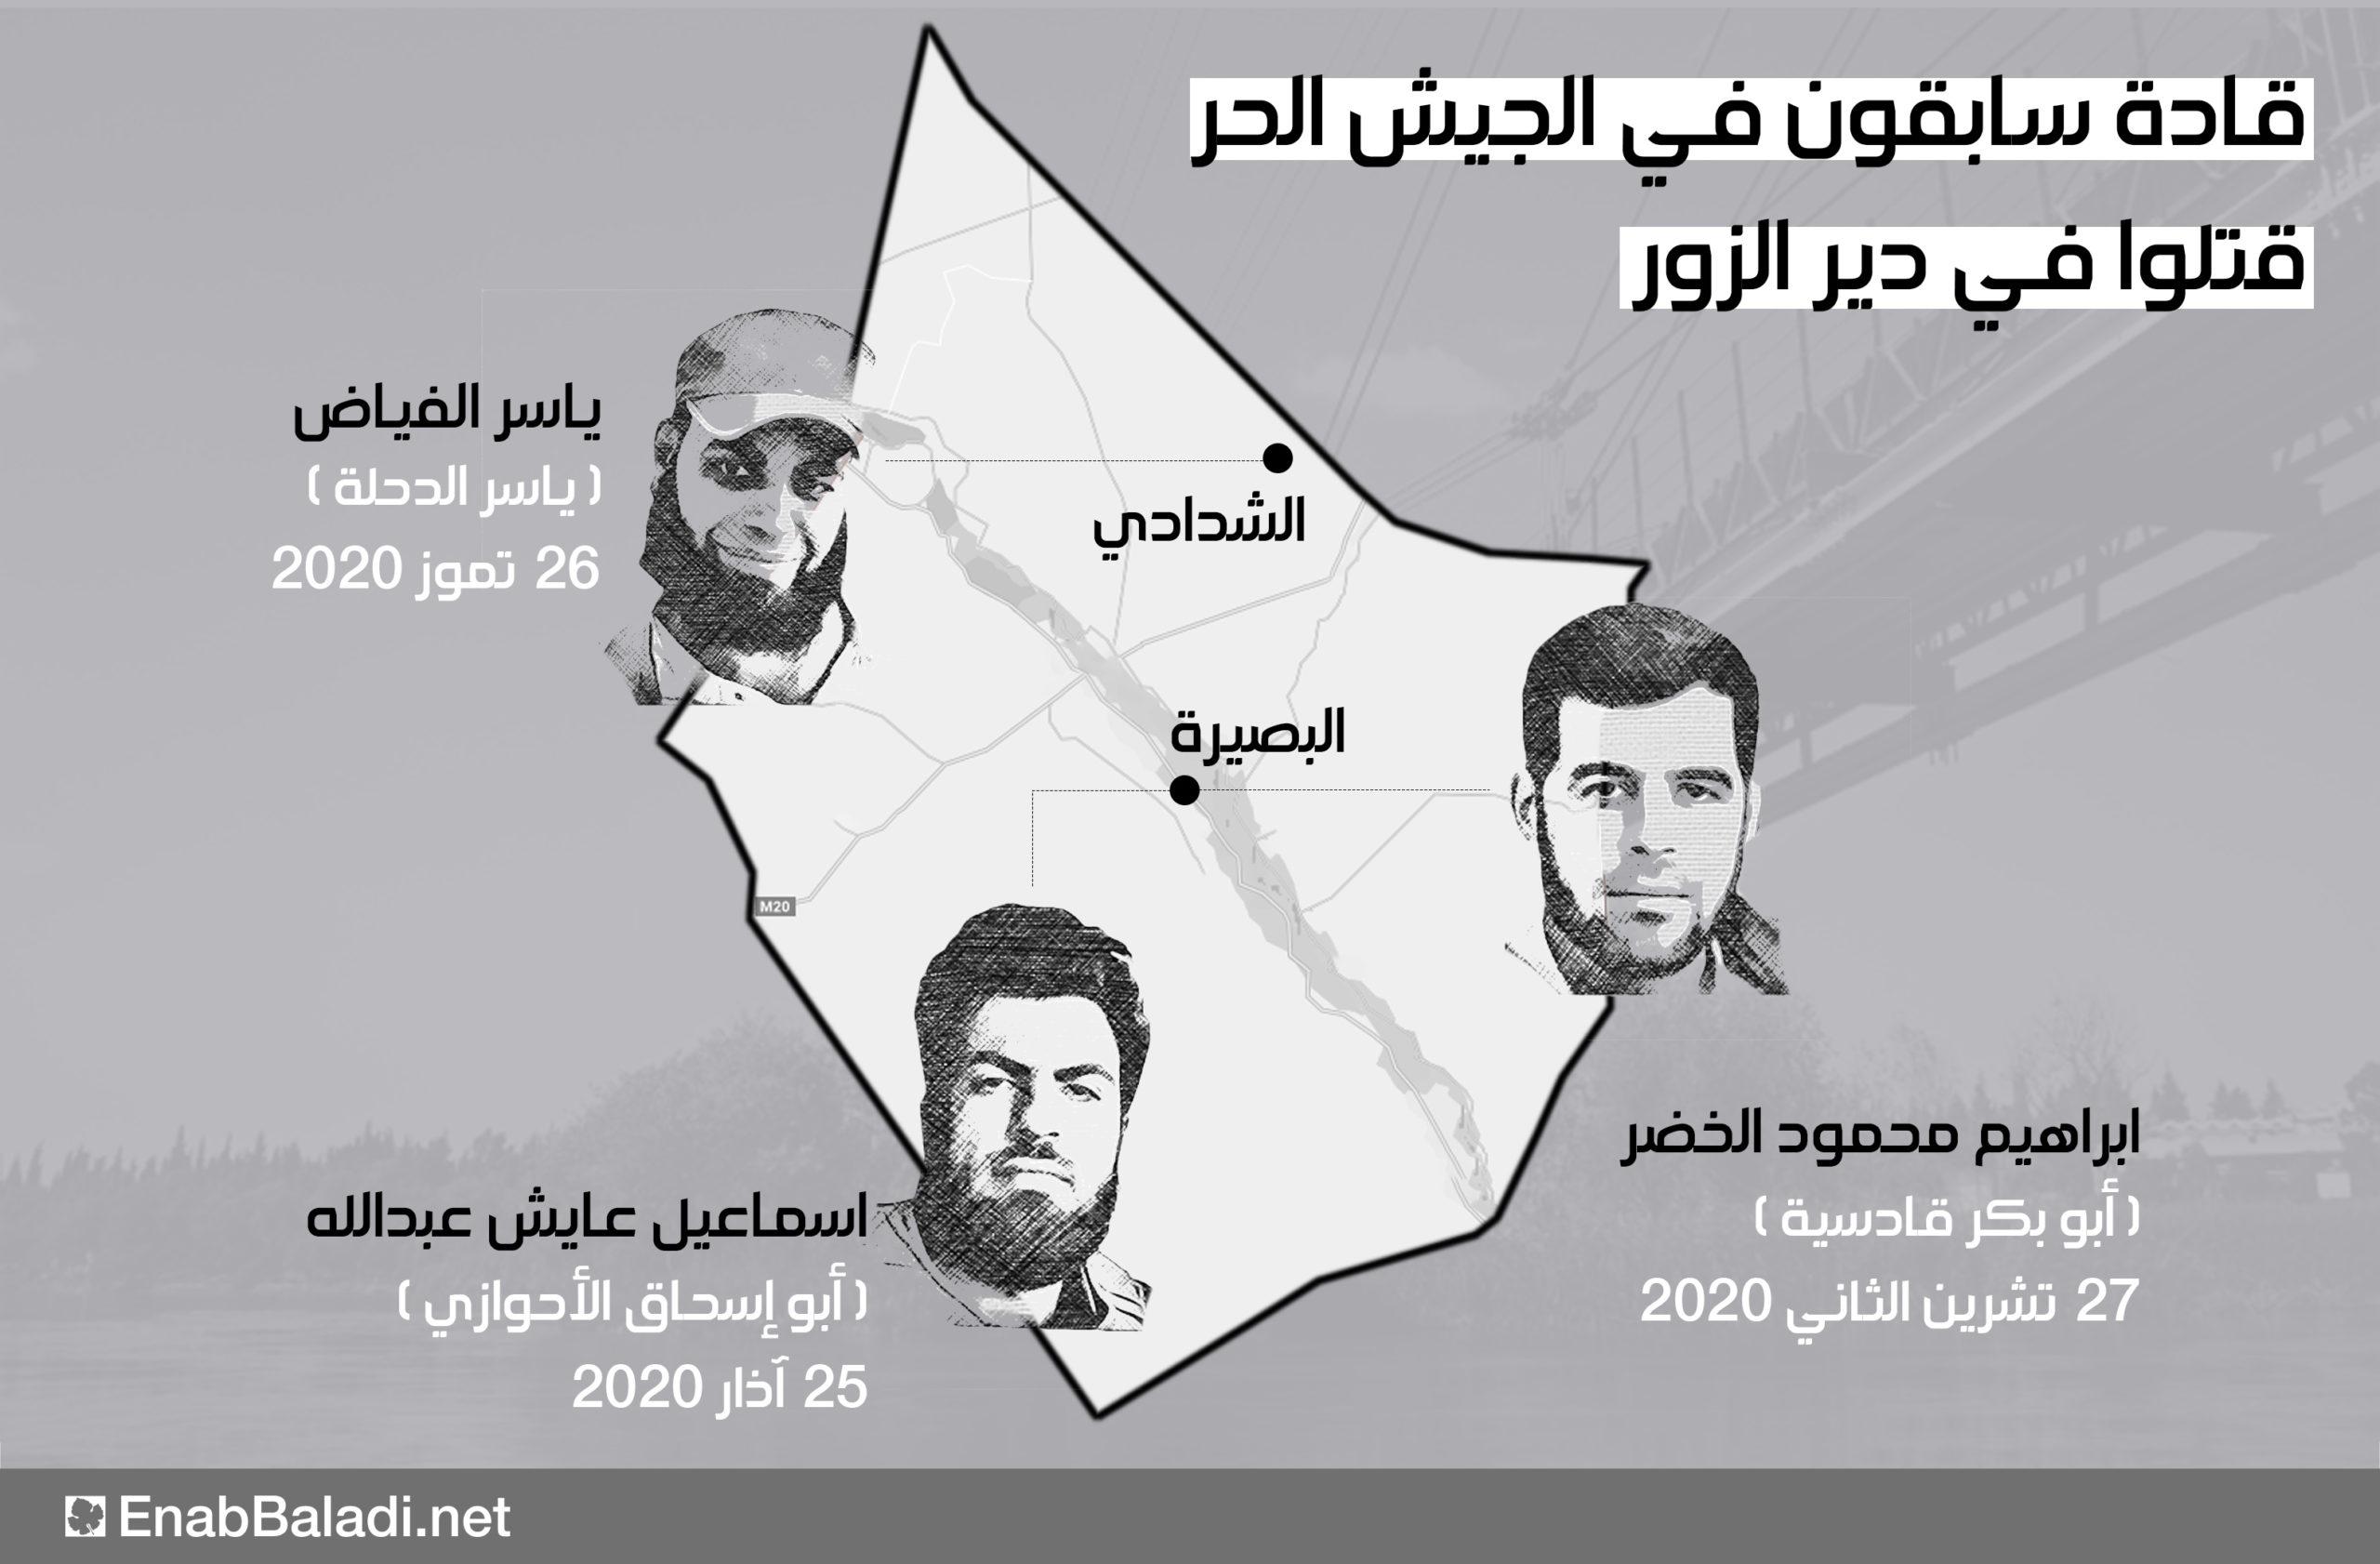 """قياديون بارزون في """"الجيش الحر"""" قتلوا في دير الزور بعد سيطرة """"قسد"""" على أجزاء من المحافظة شرق الفرات (عنب بلدي)"""